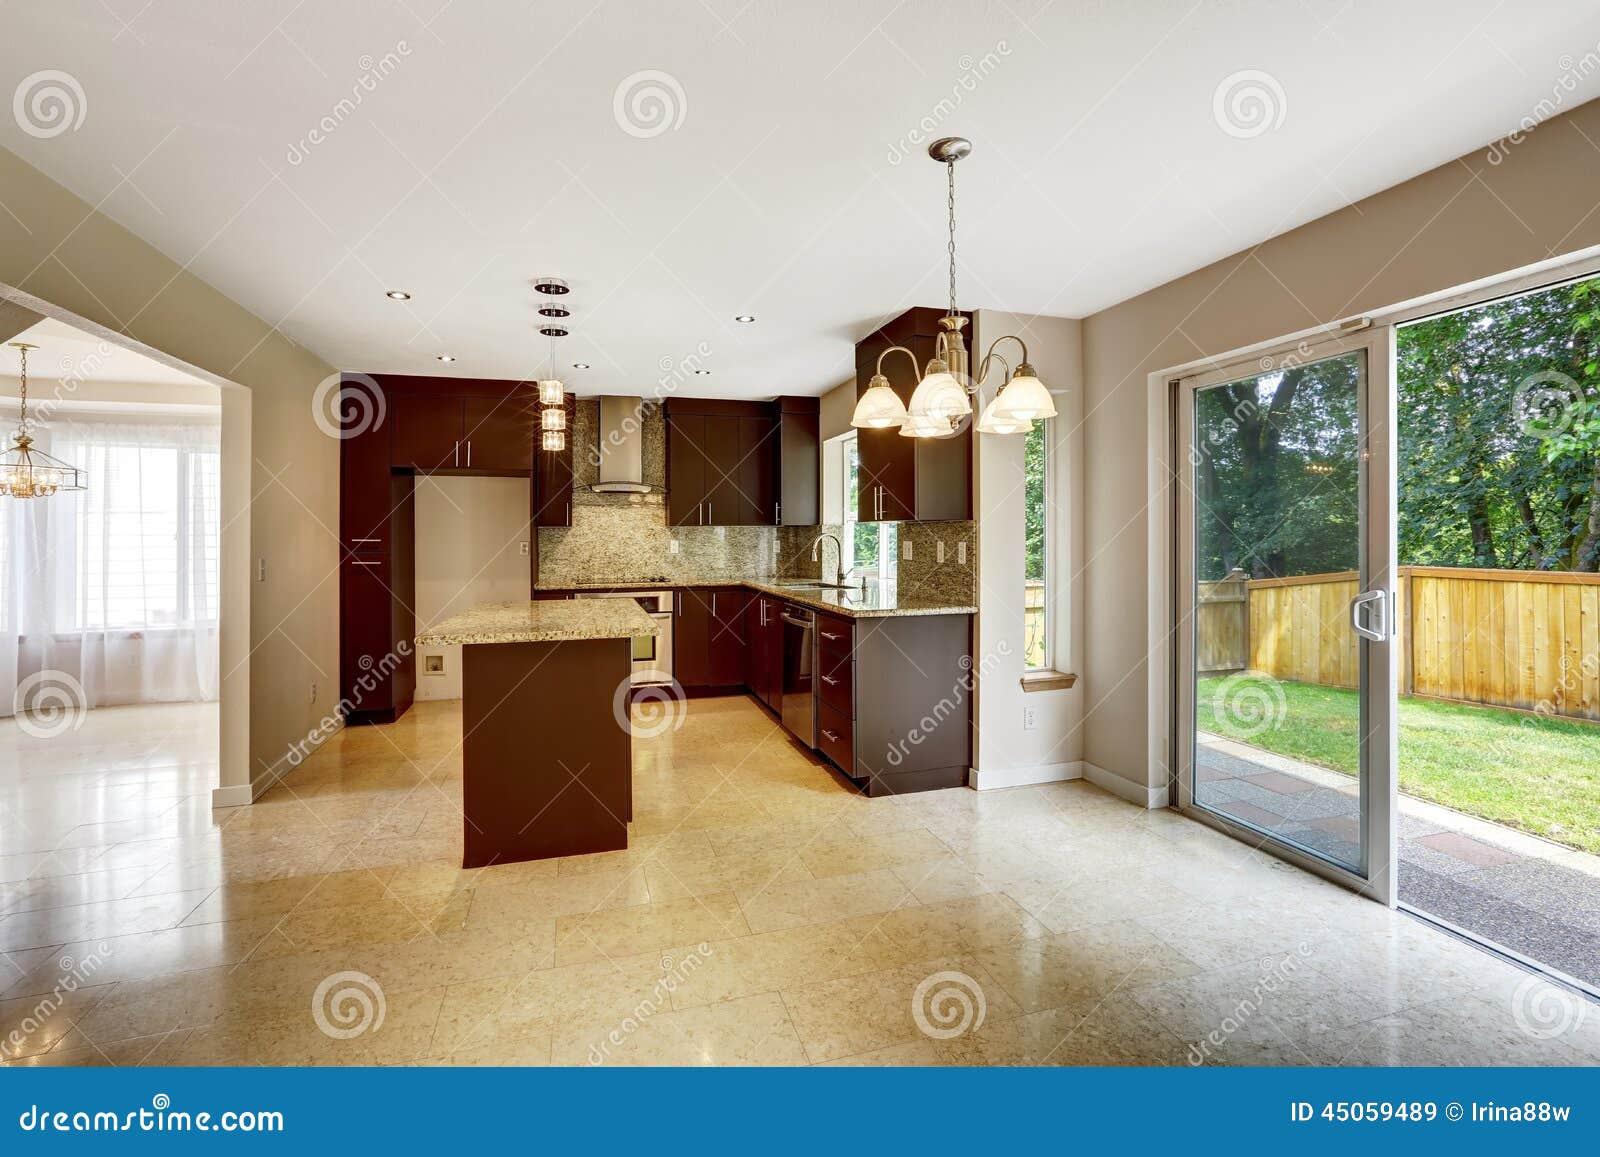 Sitio moderno de la cocina con los gabinetes y la salida - Cocinas con salida al patio ...